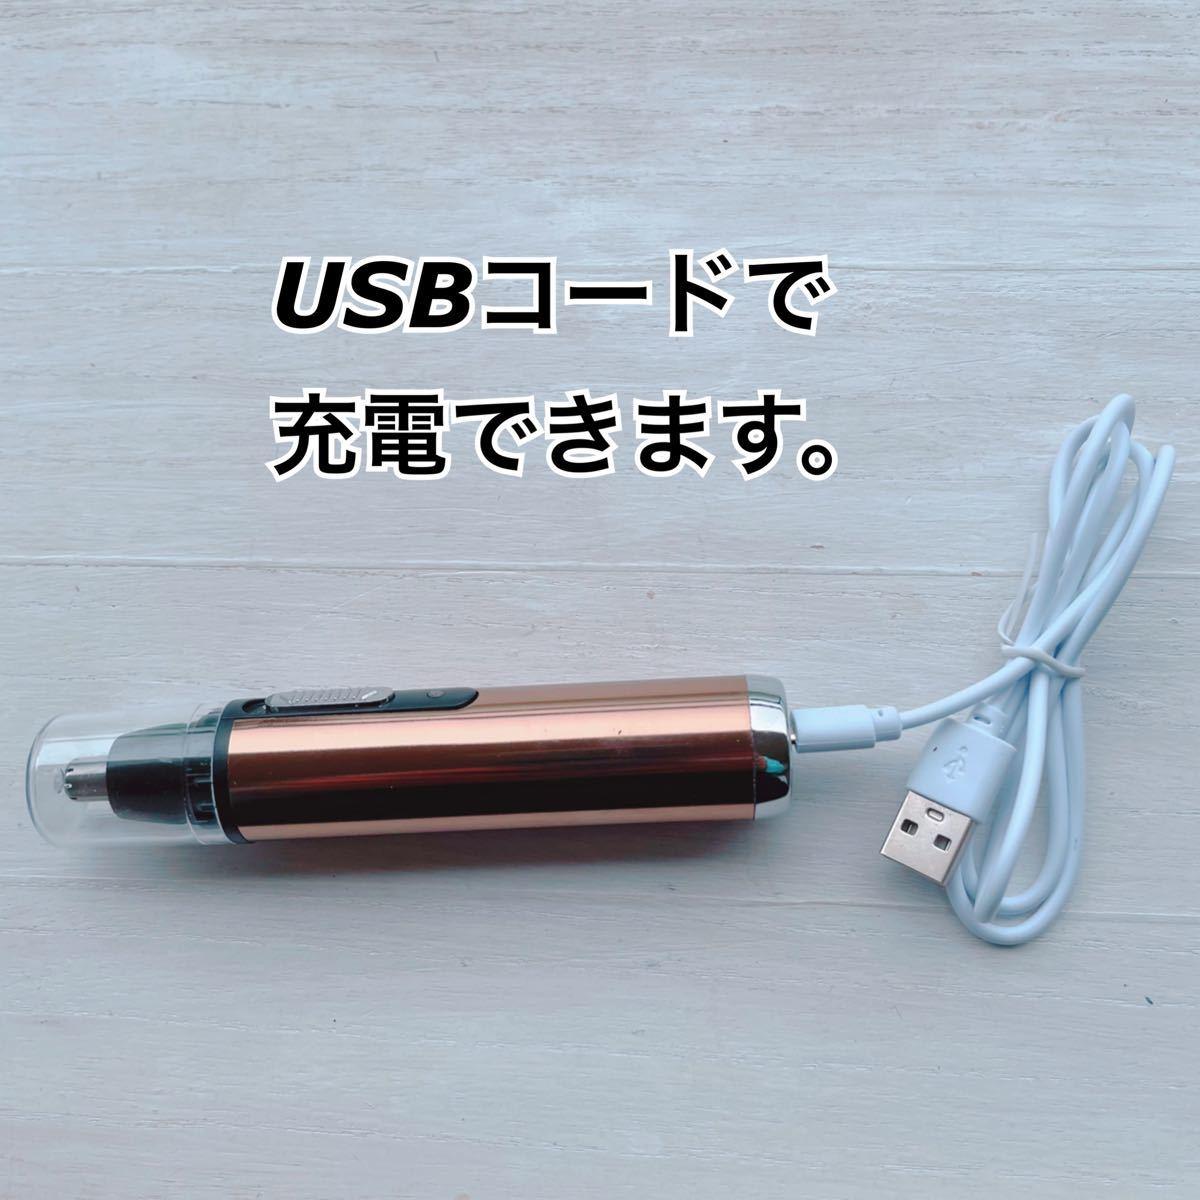 特価 鼻毛カッター 耳毛カッター USB充電式 水洗い可能 小型 男女兼用 ゴールド